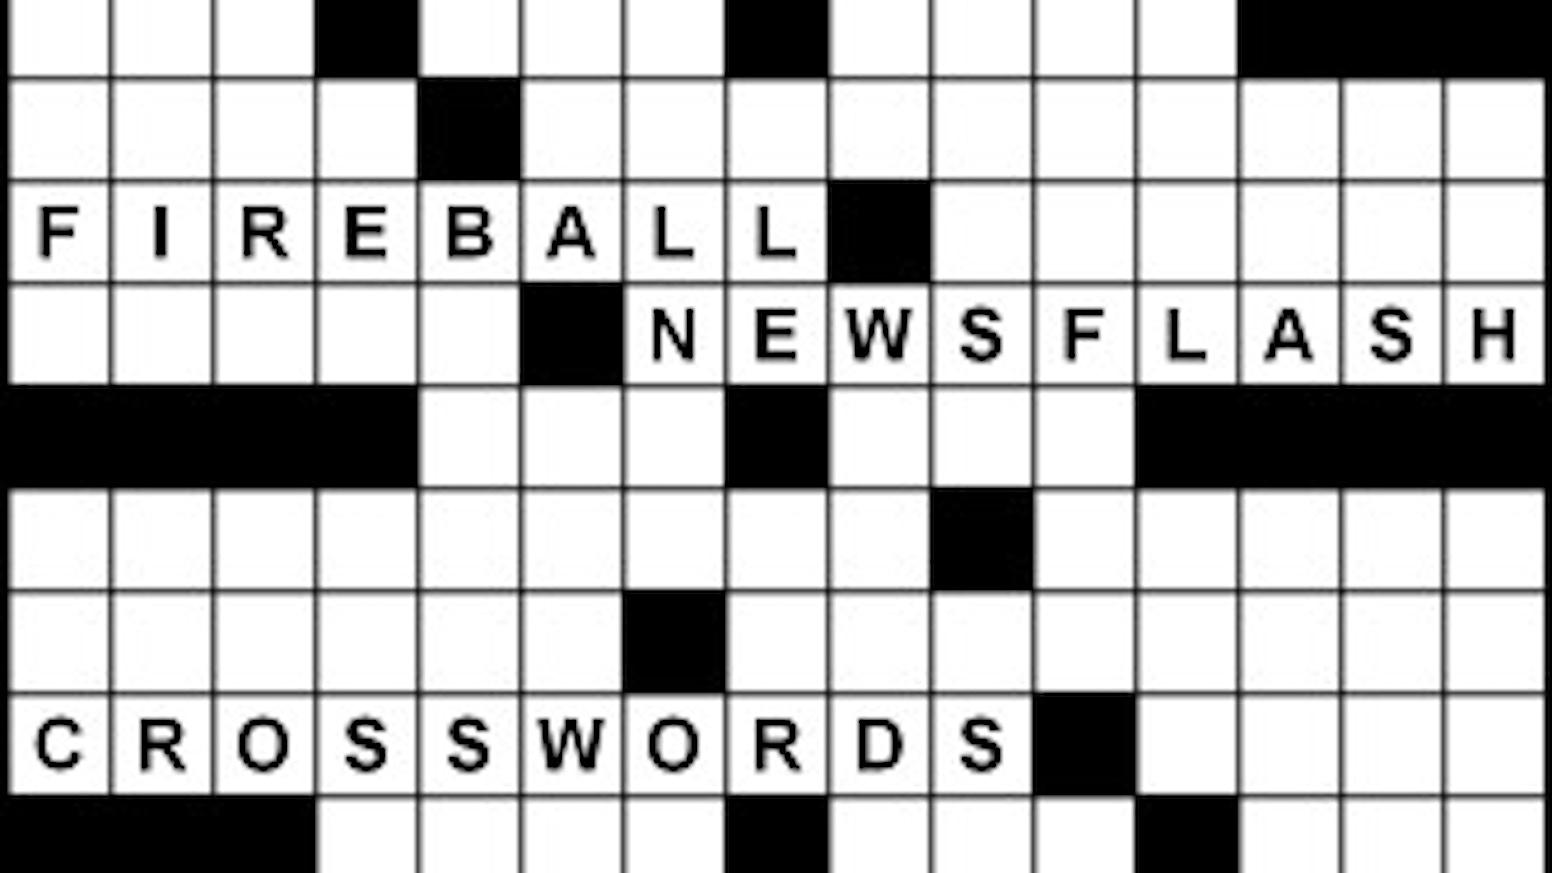 2018 19 Fireball Newsflash Crosswords By Peter Gordon Kickstarter